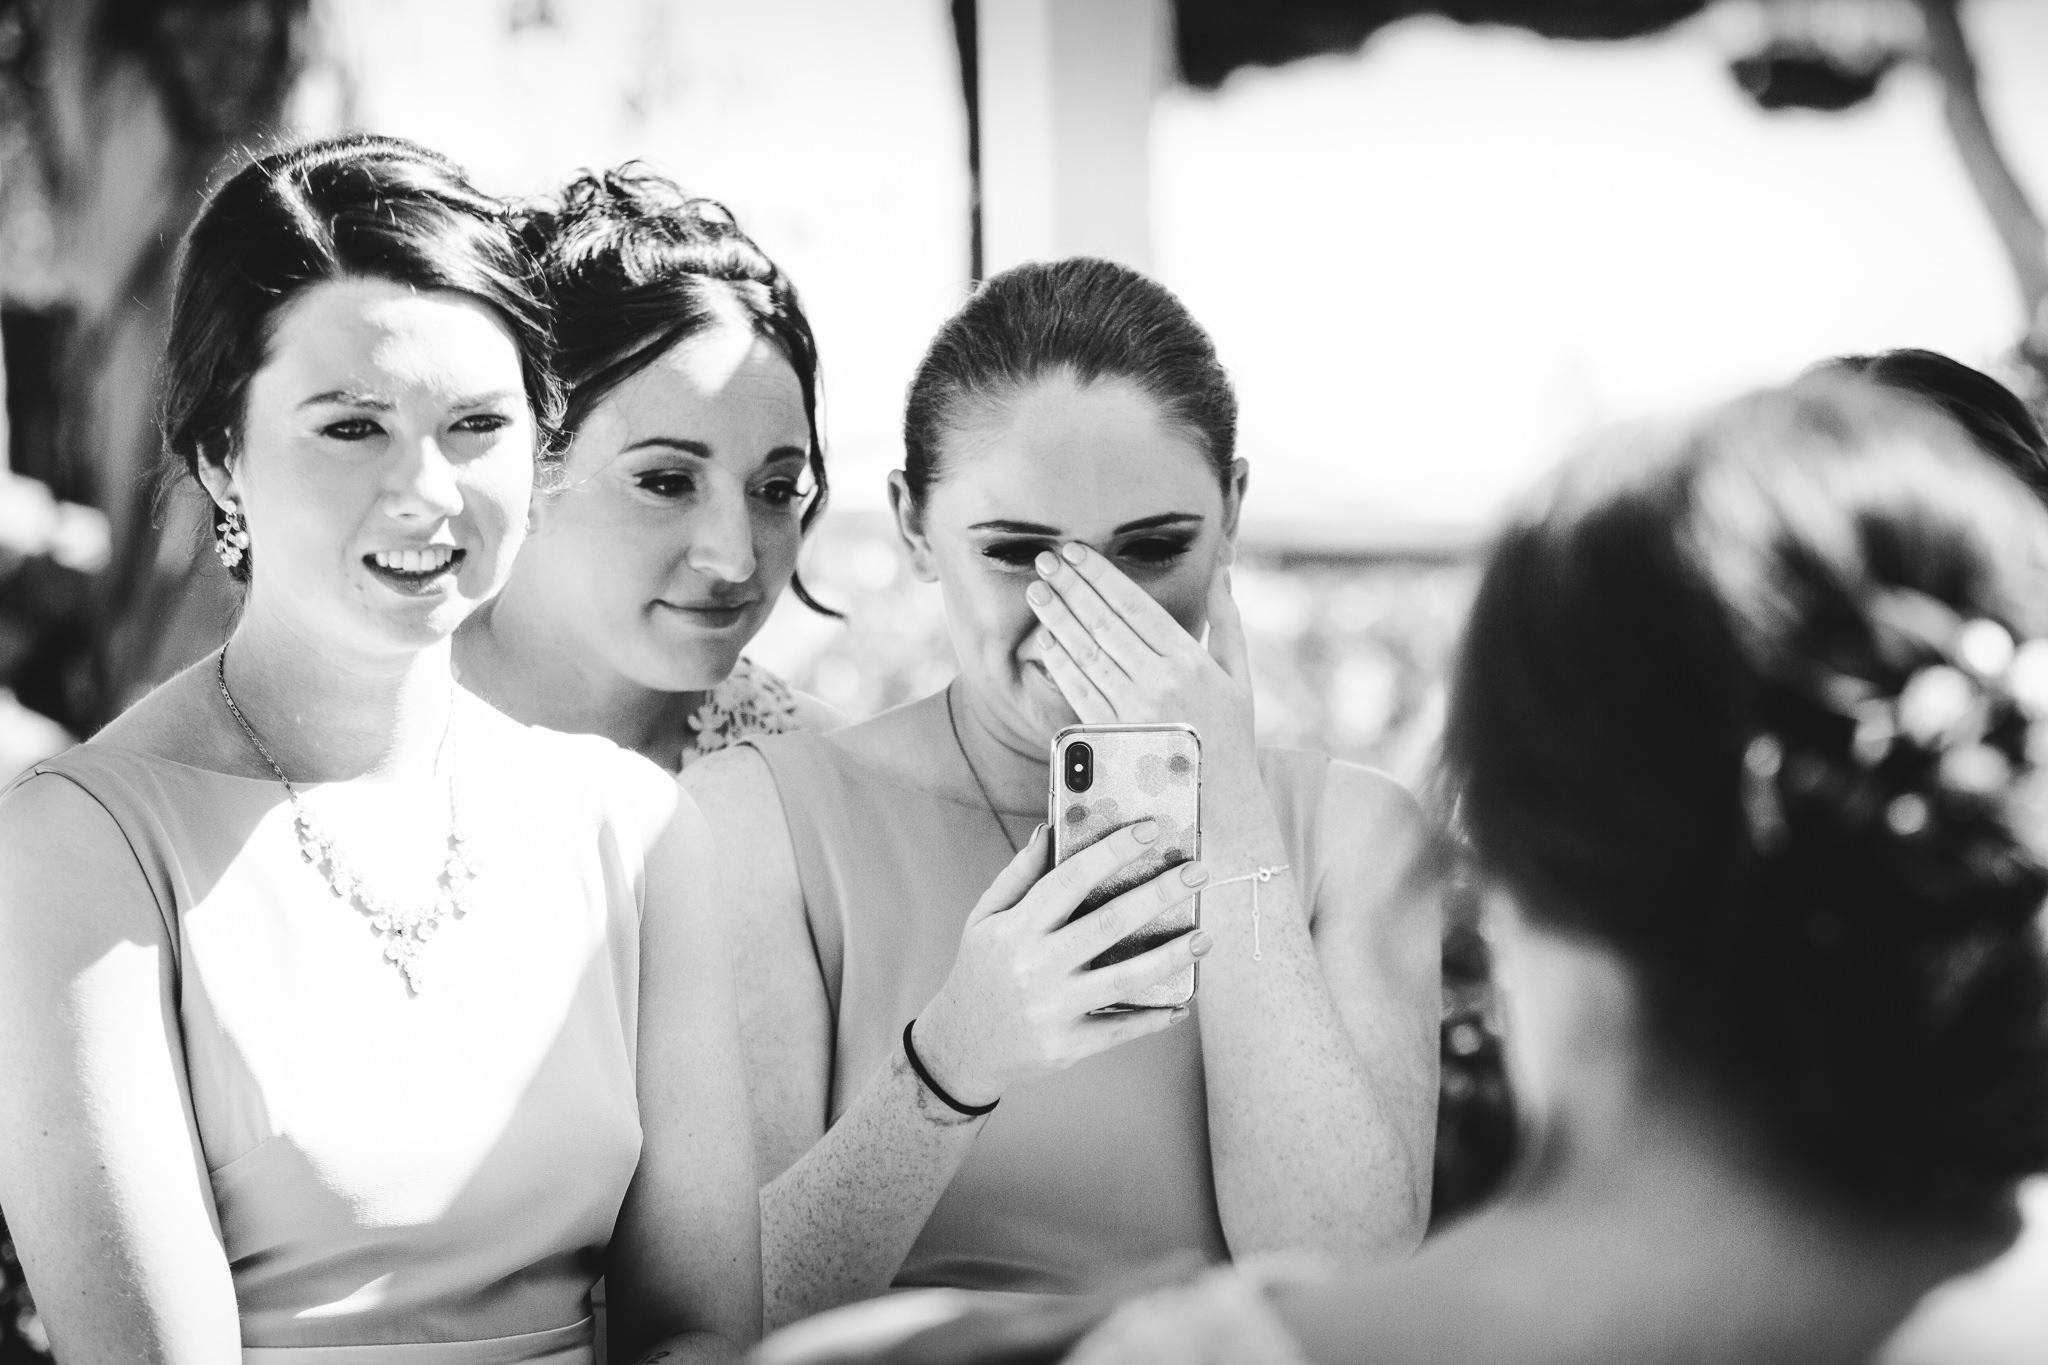 029-2019-04-27-Wedding-Michelle-e-Callum-Zoom-070-Edit